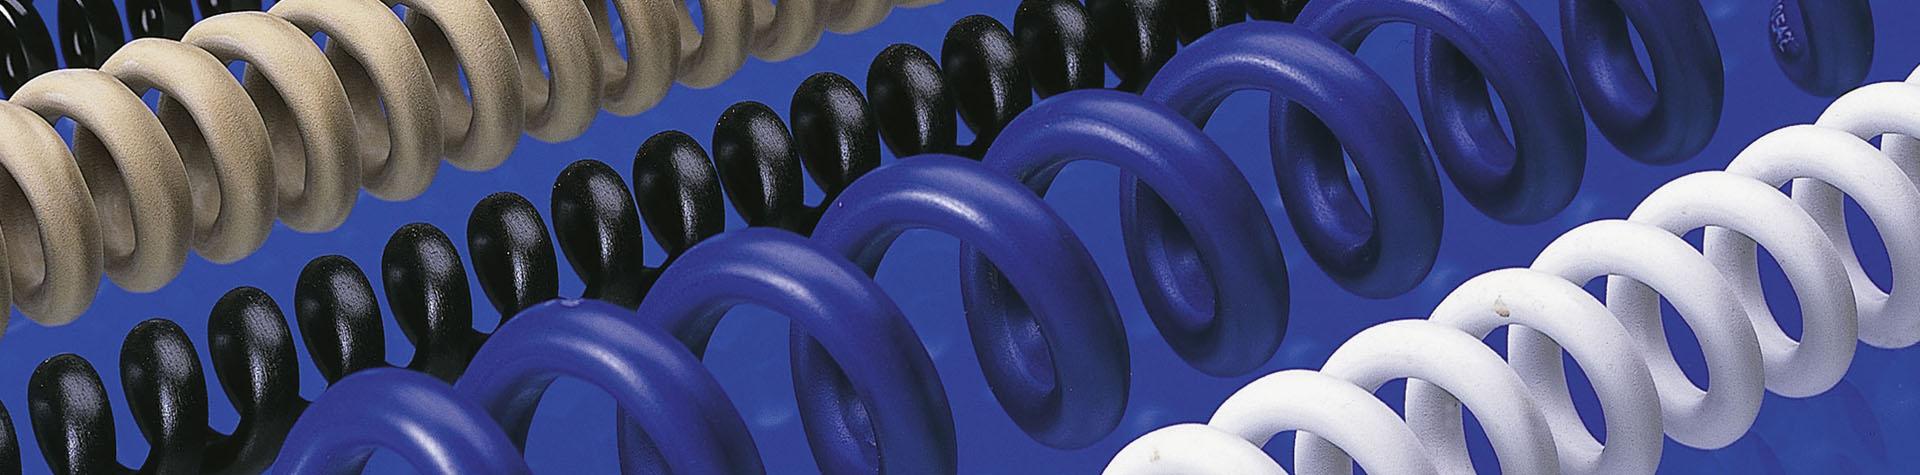 Spiralkabel in diversen Farben